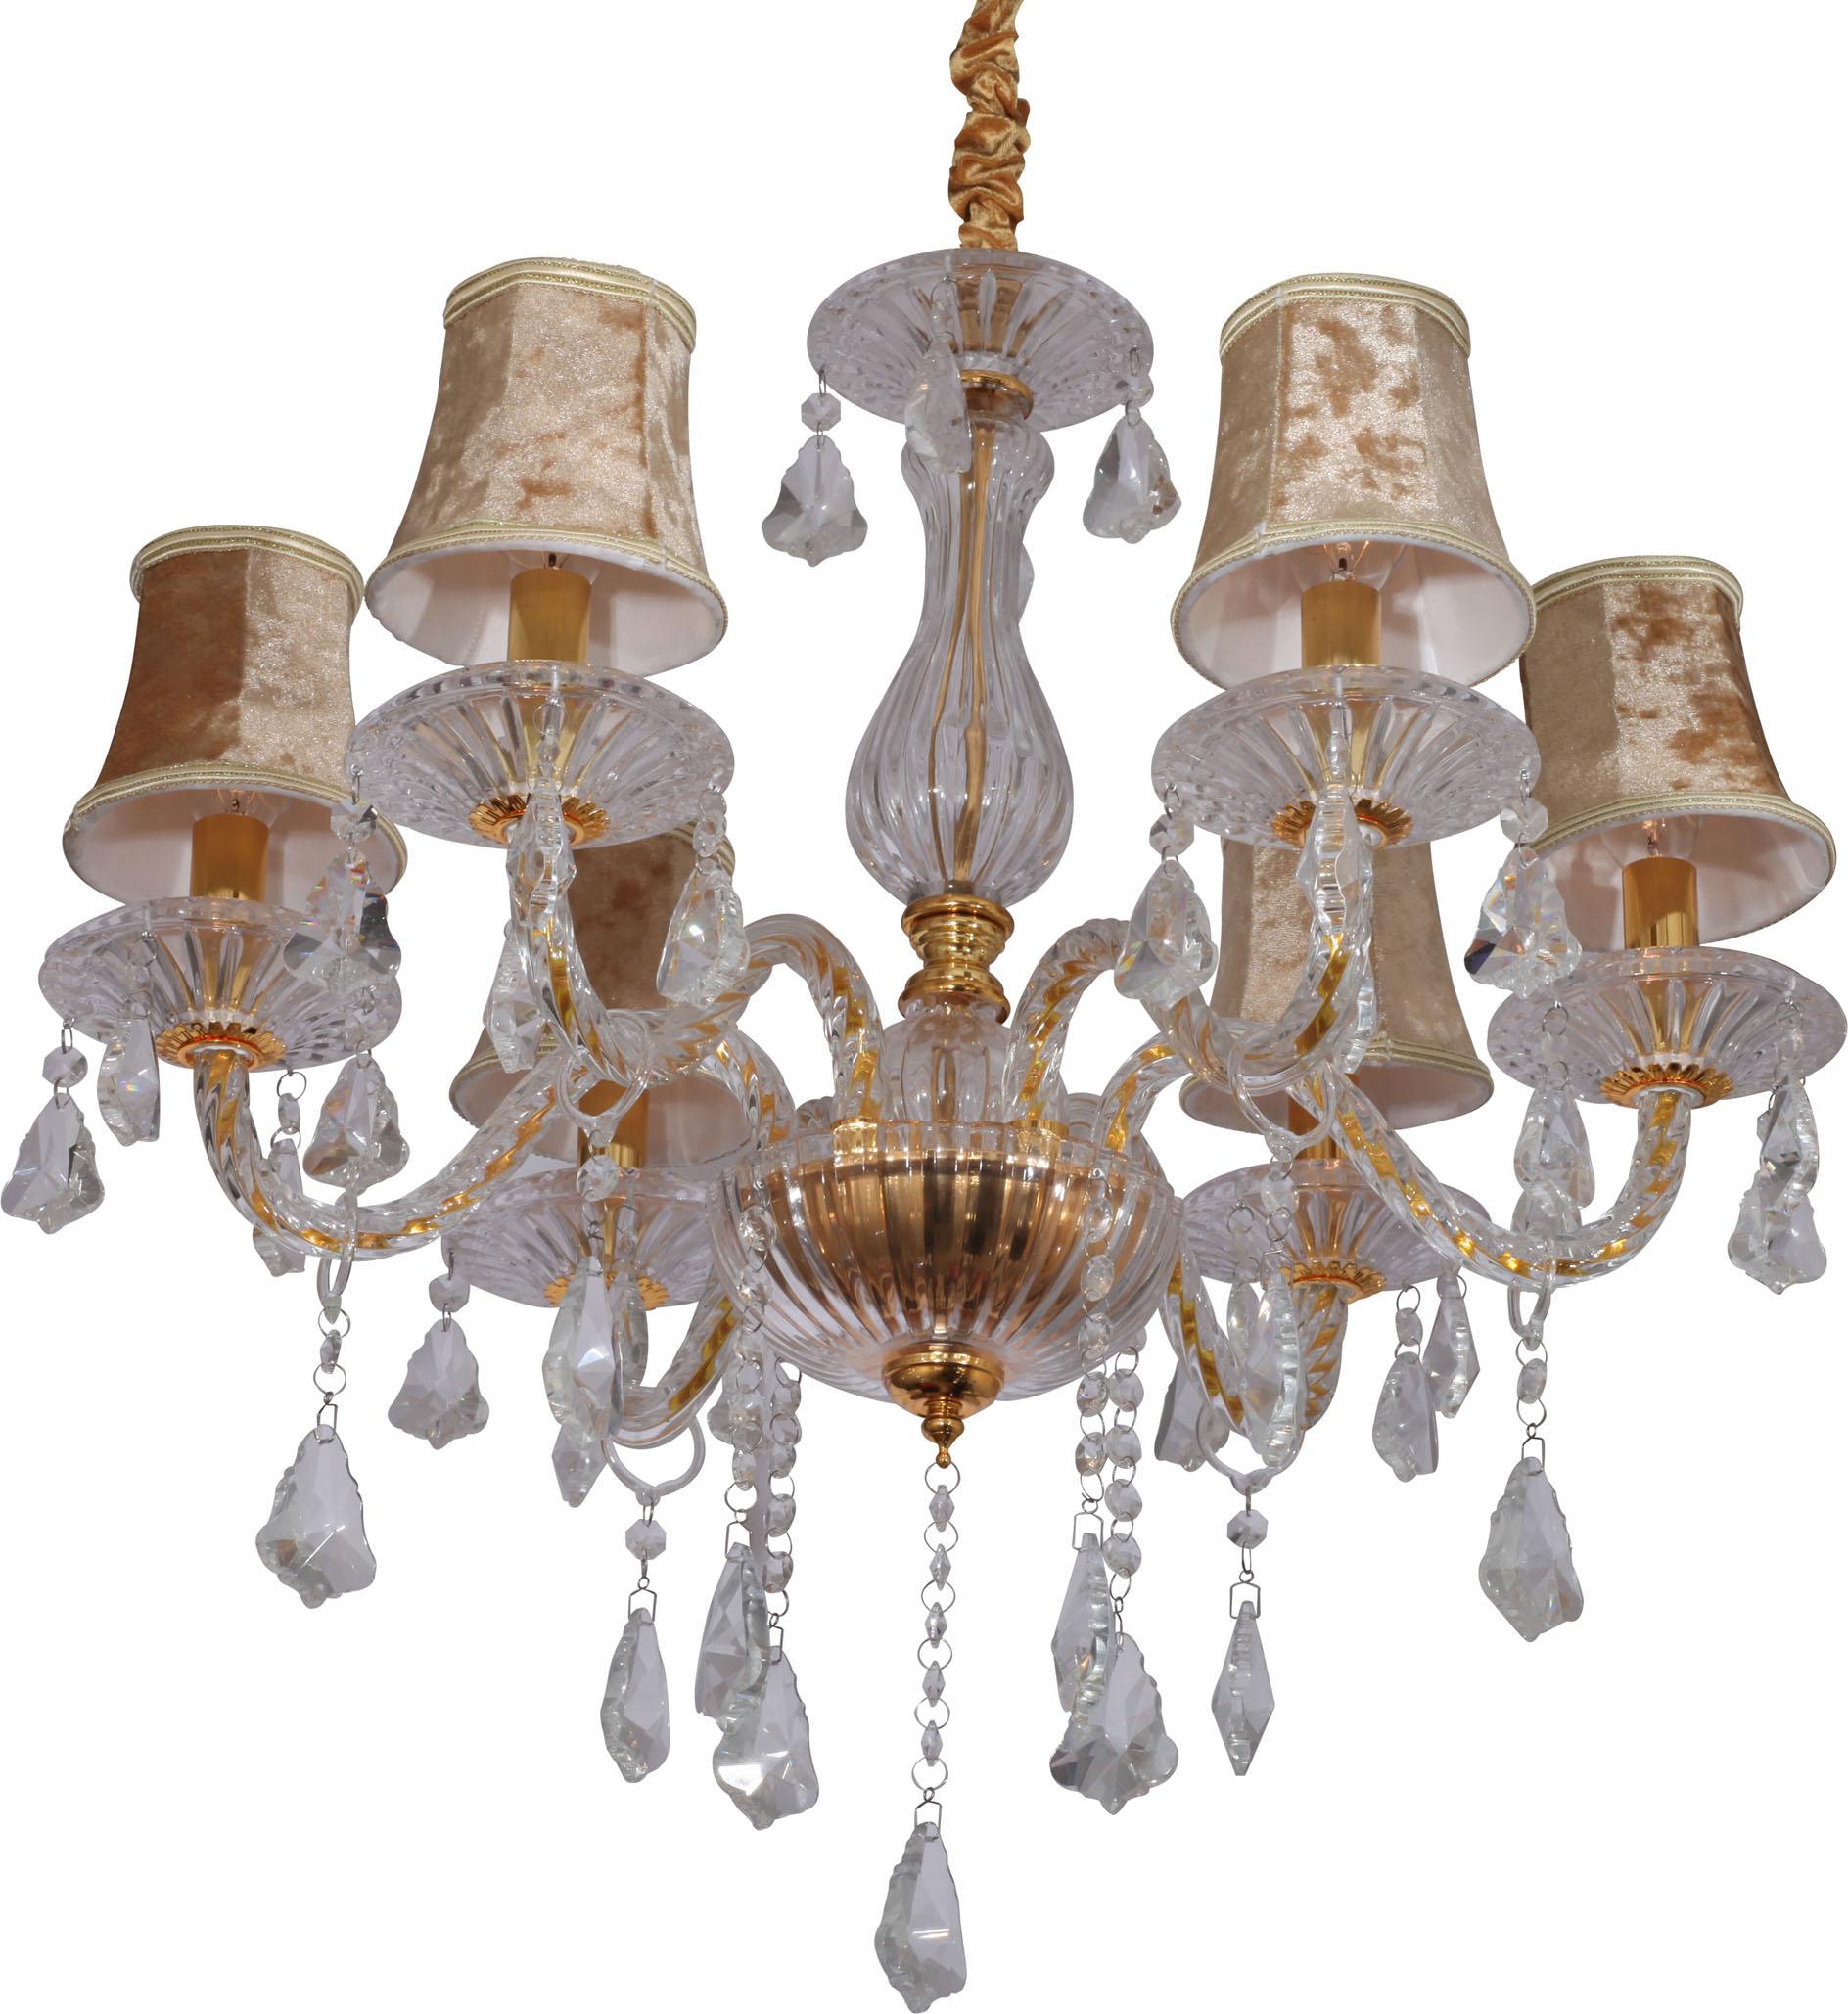 辉煌限量欧式现代餐厅吊灯清光色布艺灯 客厅水晶灯 玻璃蜡烛灯饰商品图片